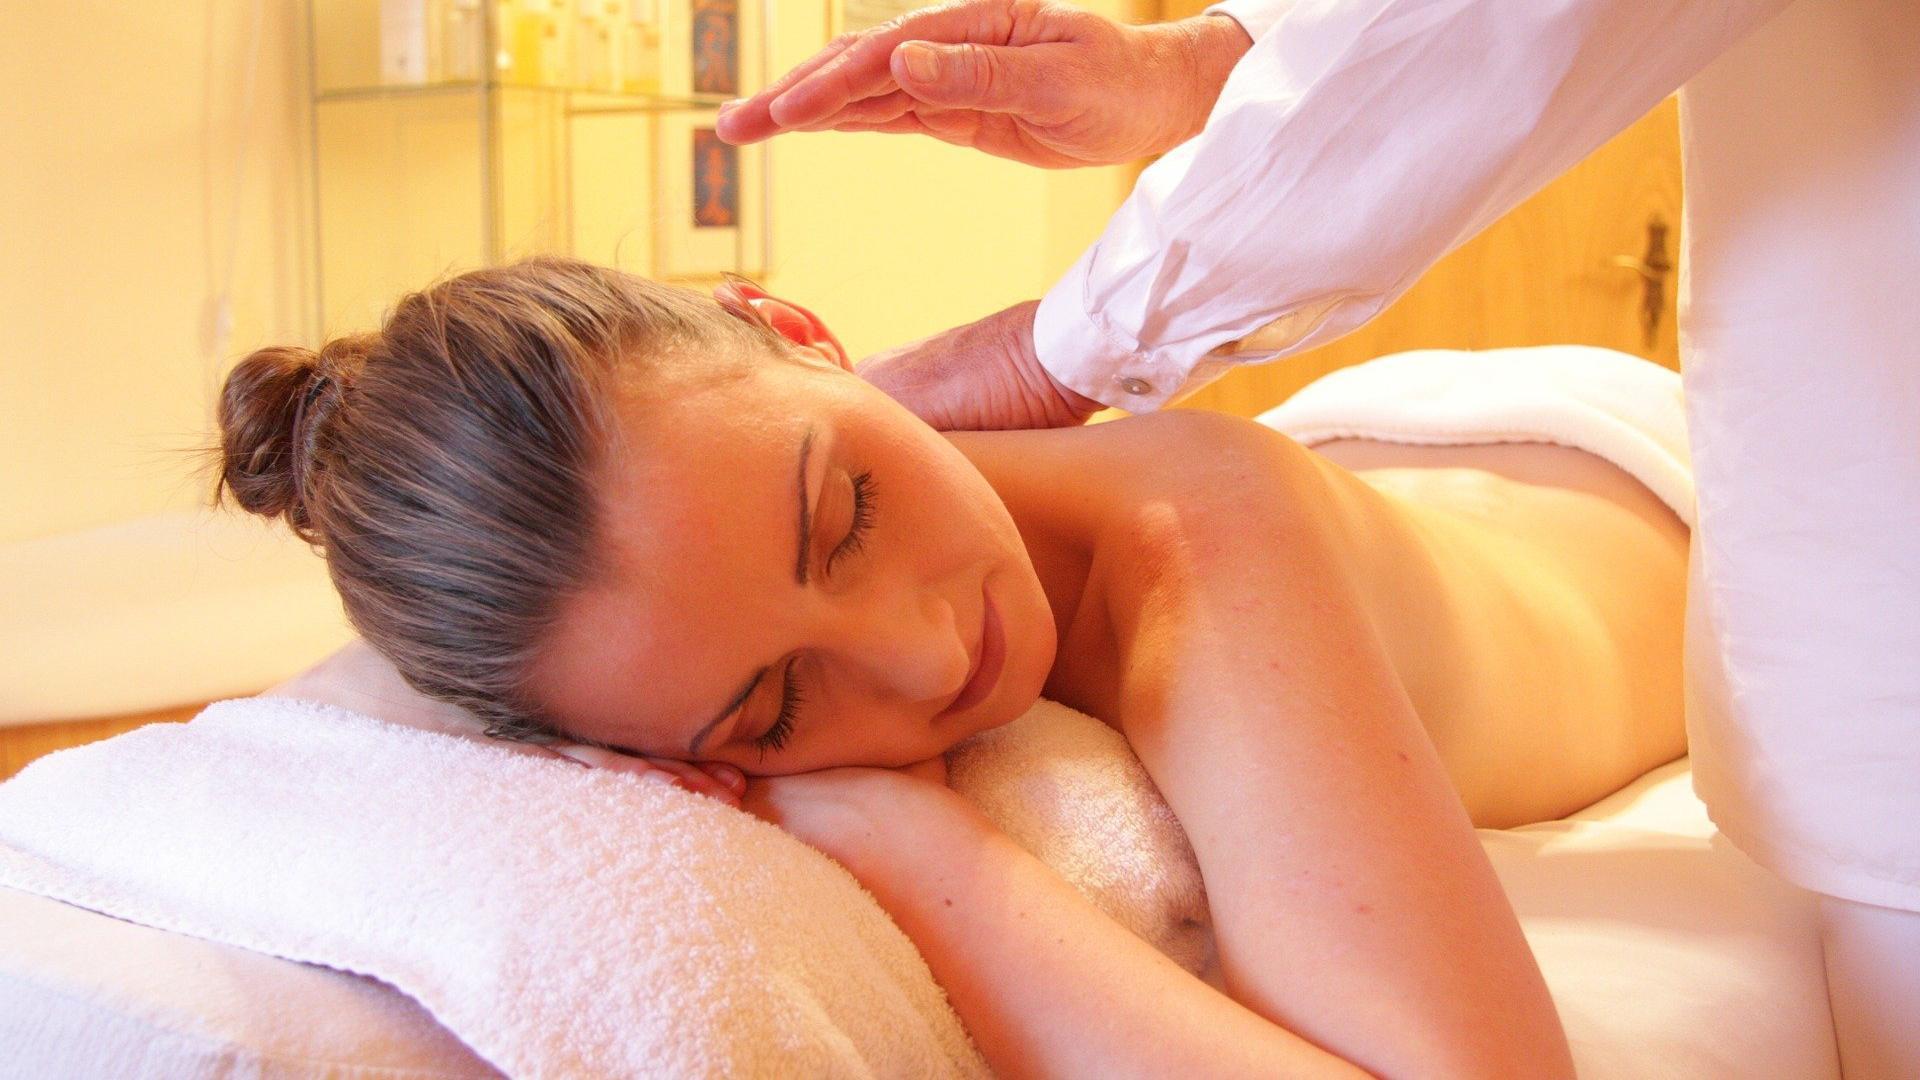 Preise für eine Massage können stark variieren.